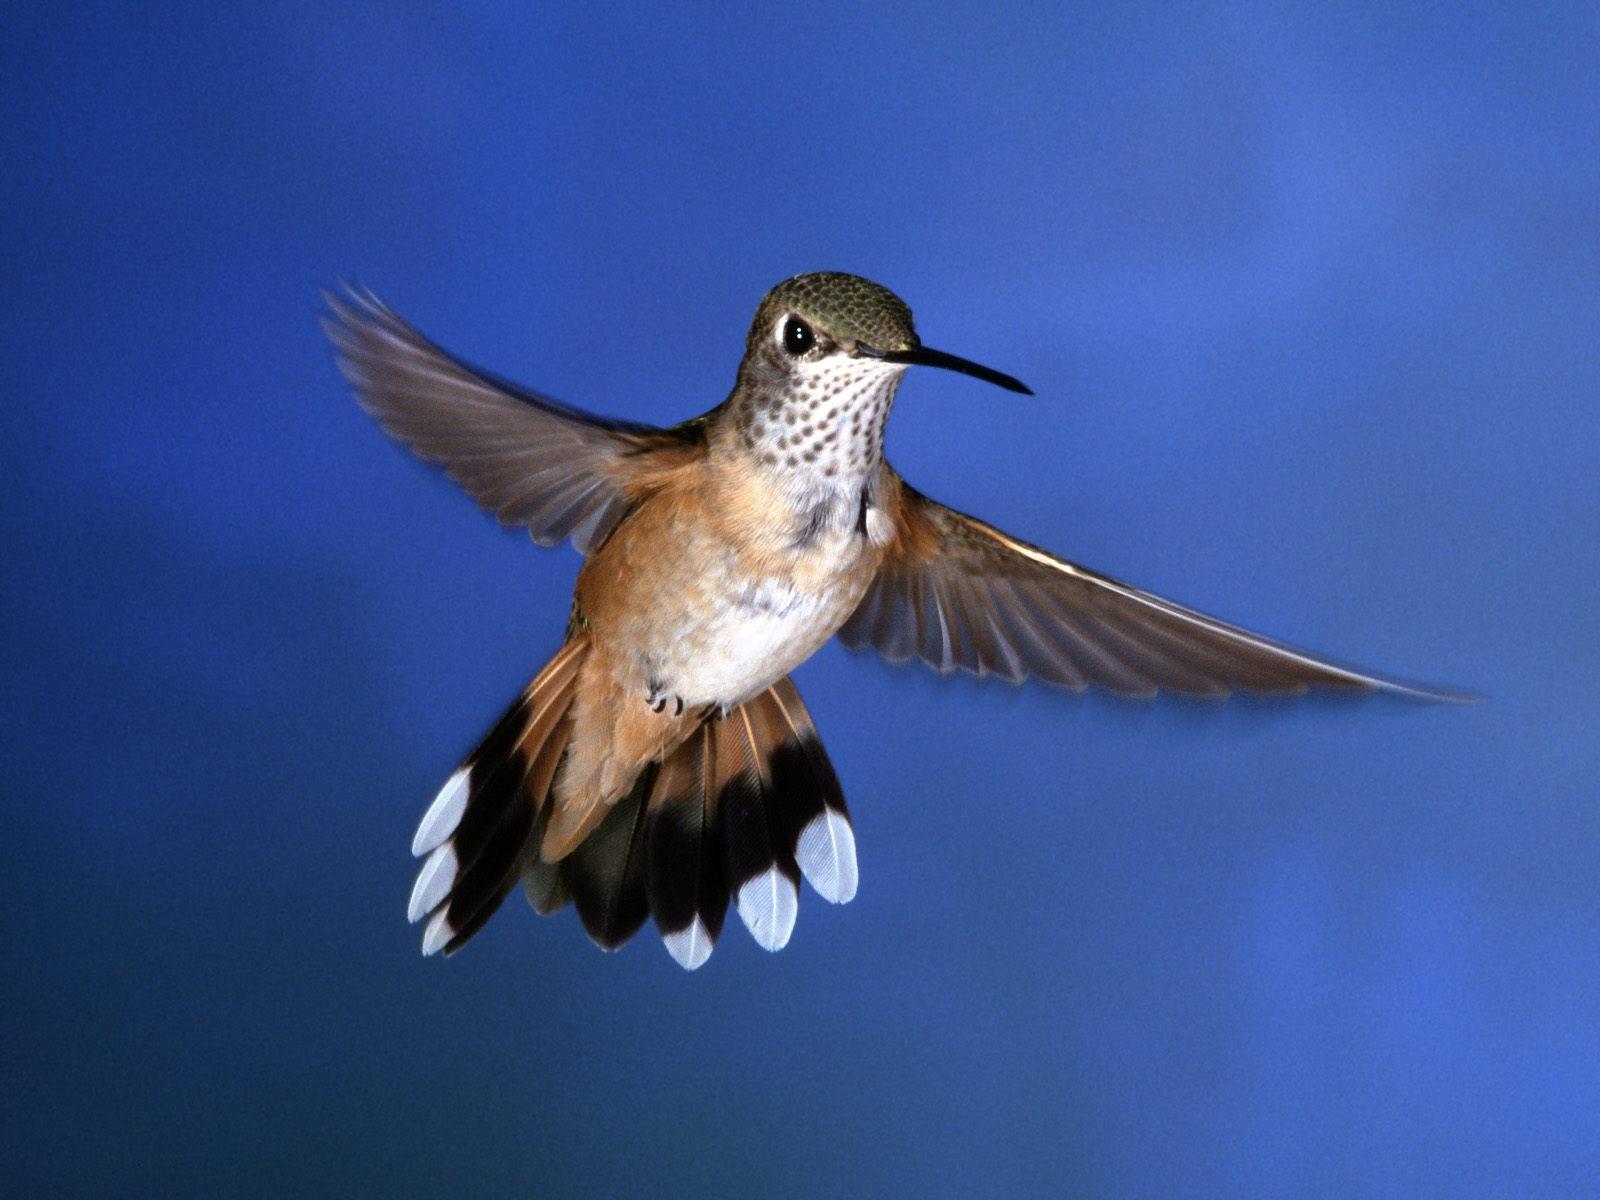 http://3.bp.blogspot.com/_VgXaDXiFvX4/TS6tcYAtXUI/AAAAAAAABFo/5BCzEPjyb8o/s1600/Rufous%252520Hummingbird.jpg